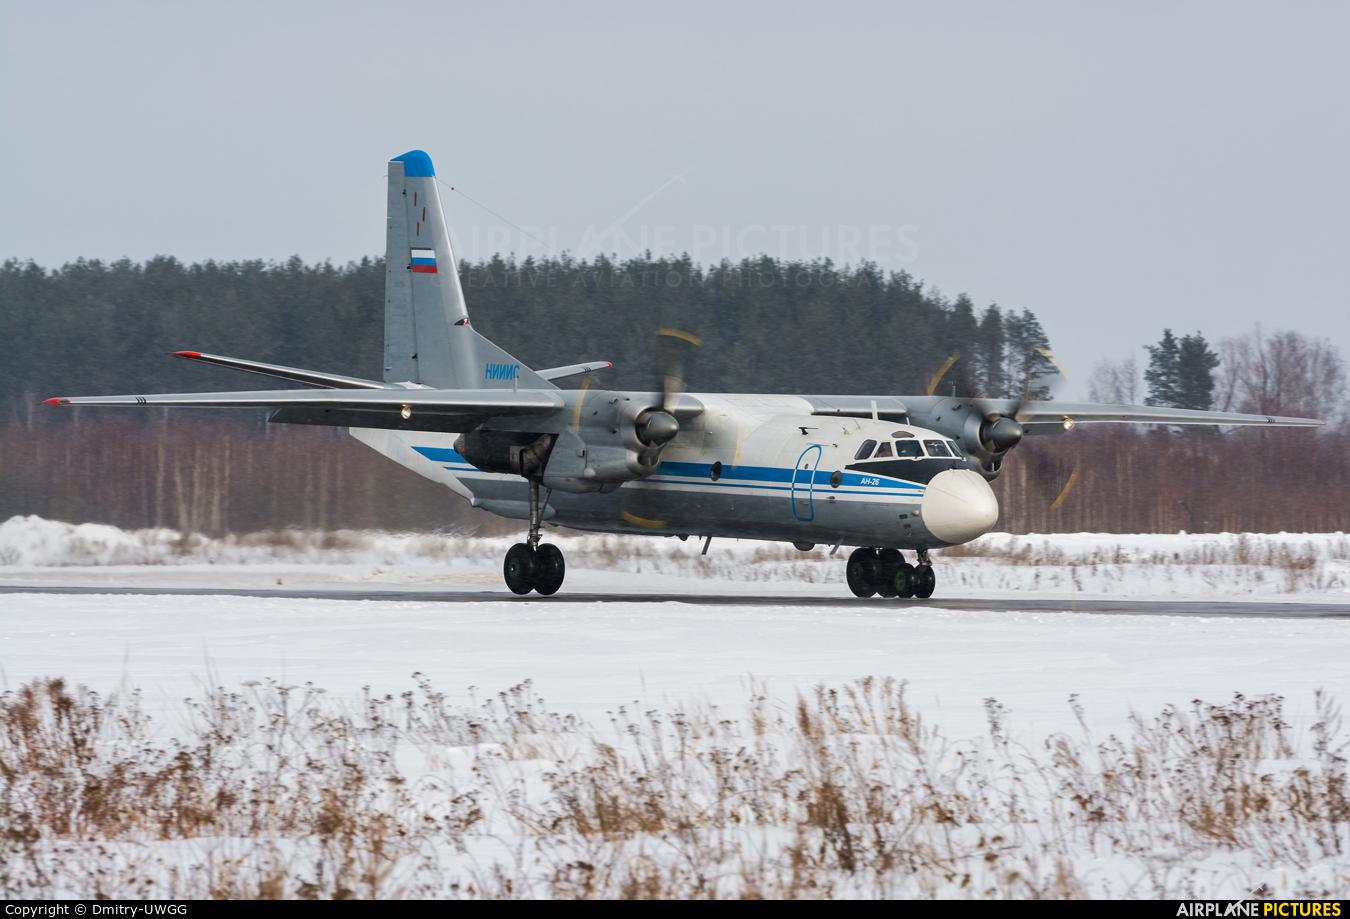 Sedakov Institute 26092 aircraft at Nizhniy Novgorod